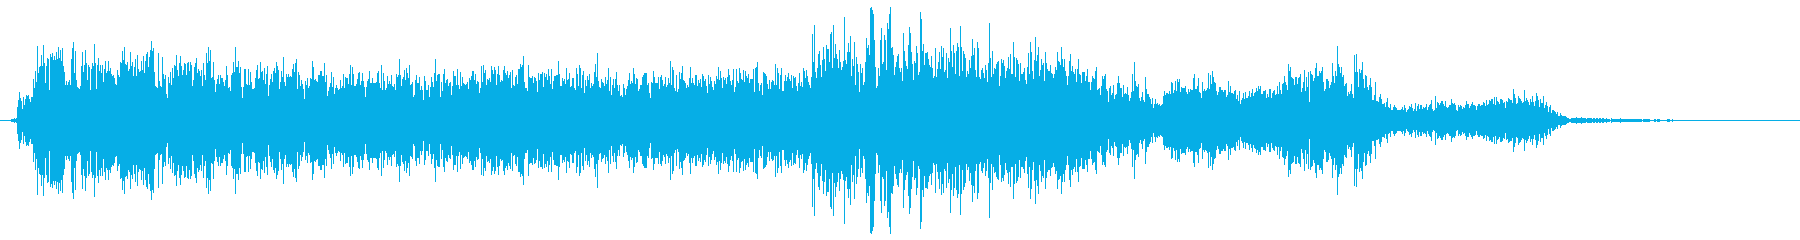 ウィーン(機械の動く音)の再生済みの波形